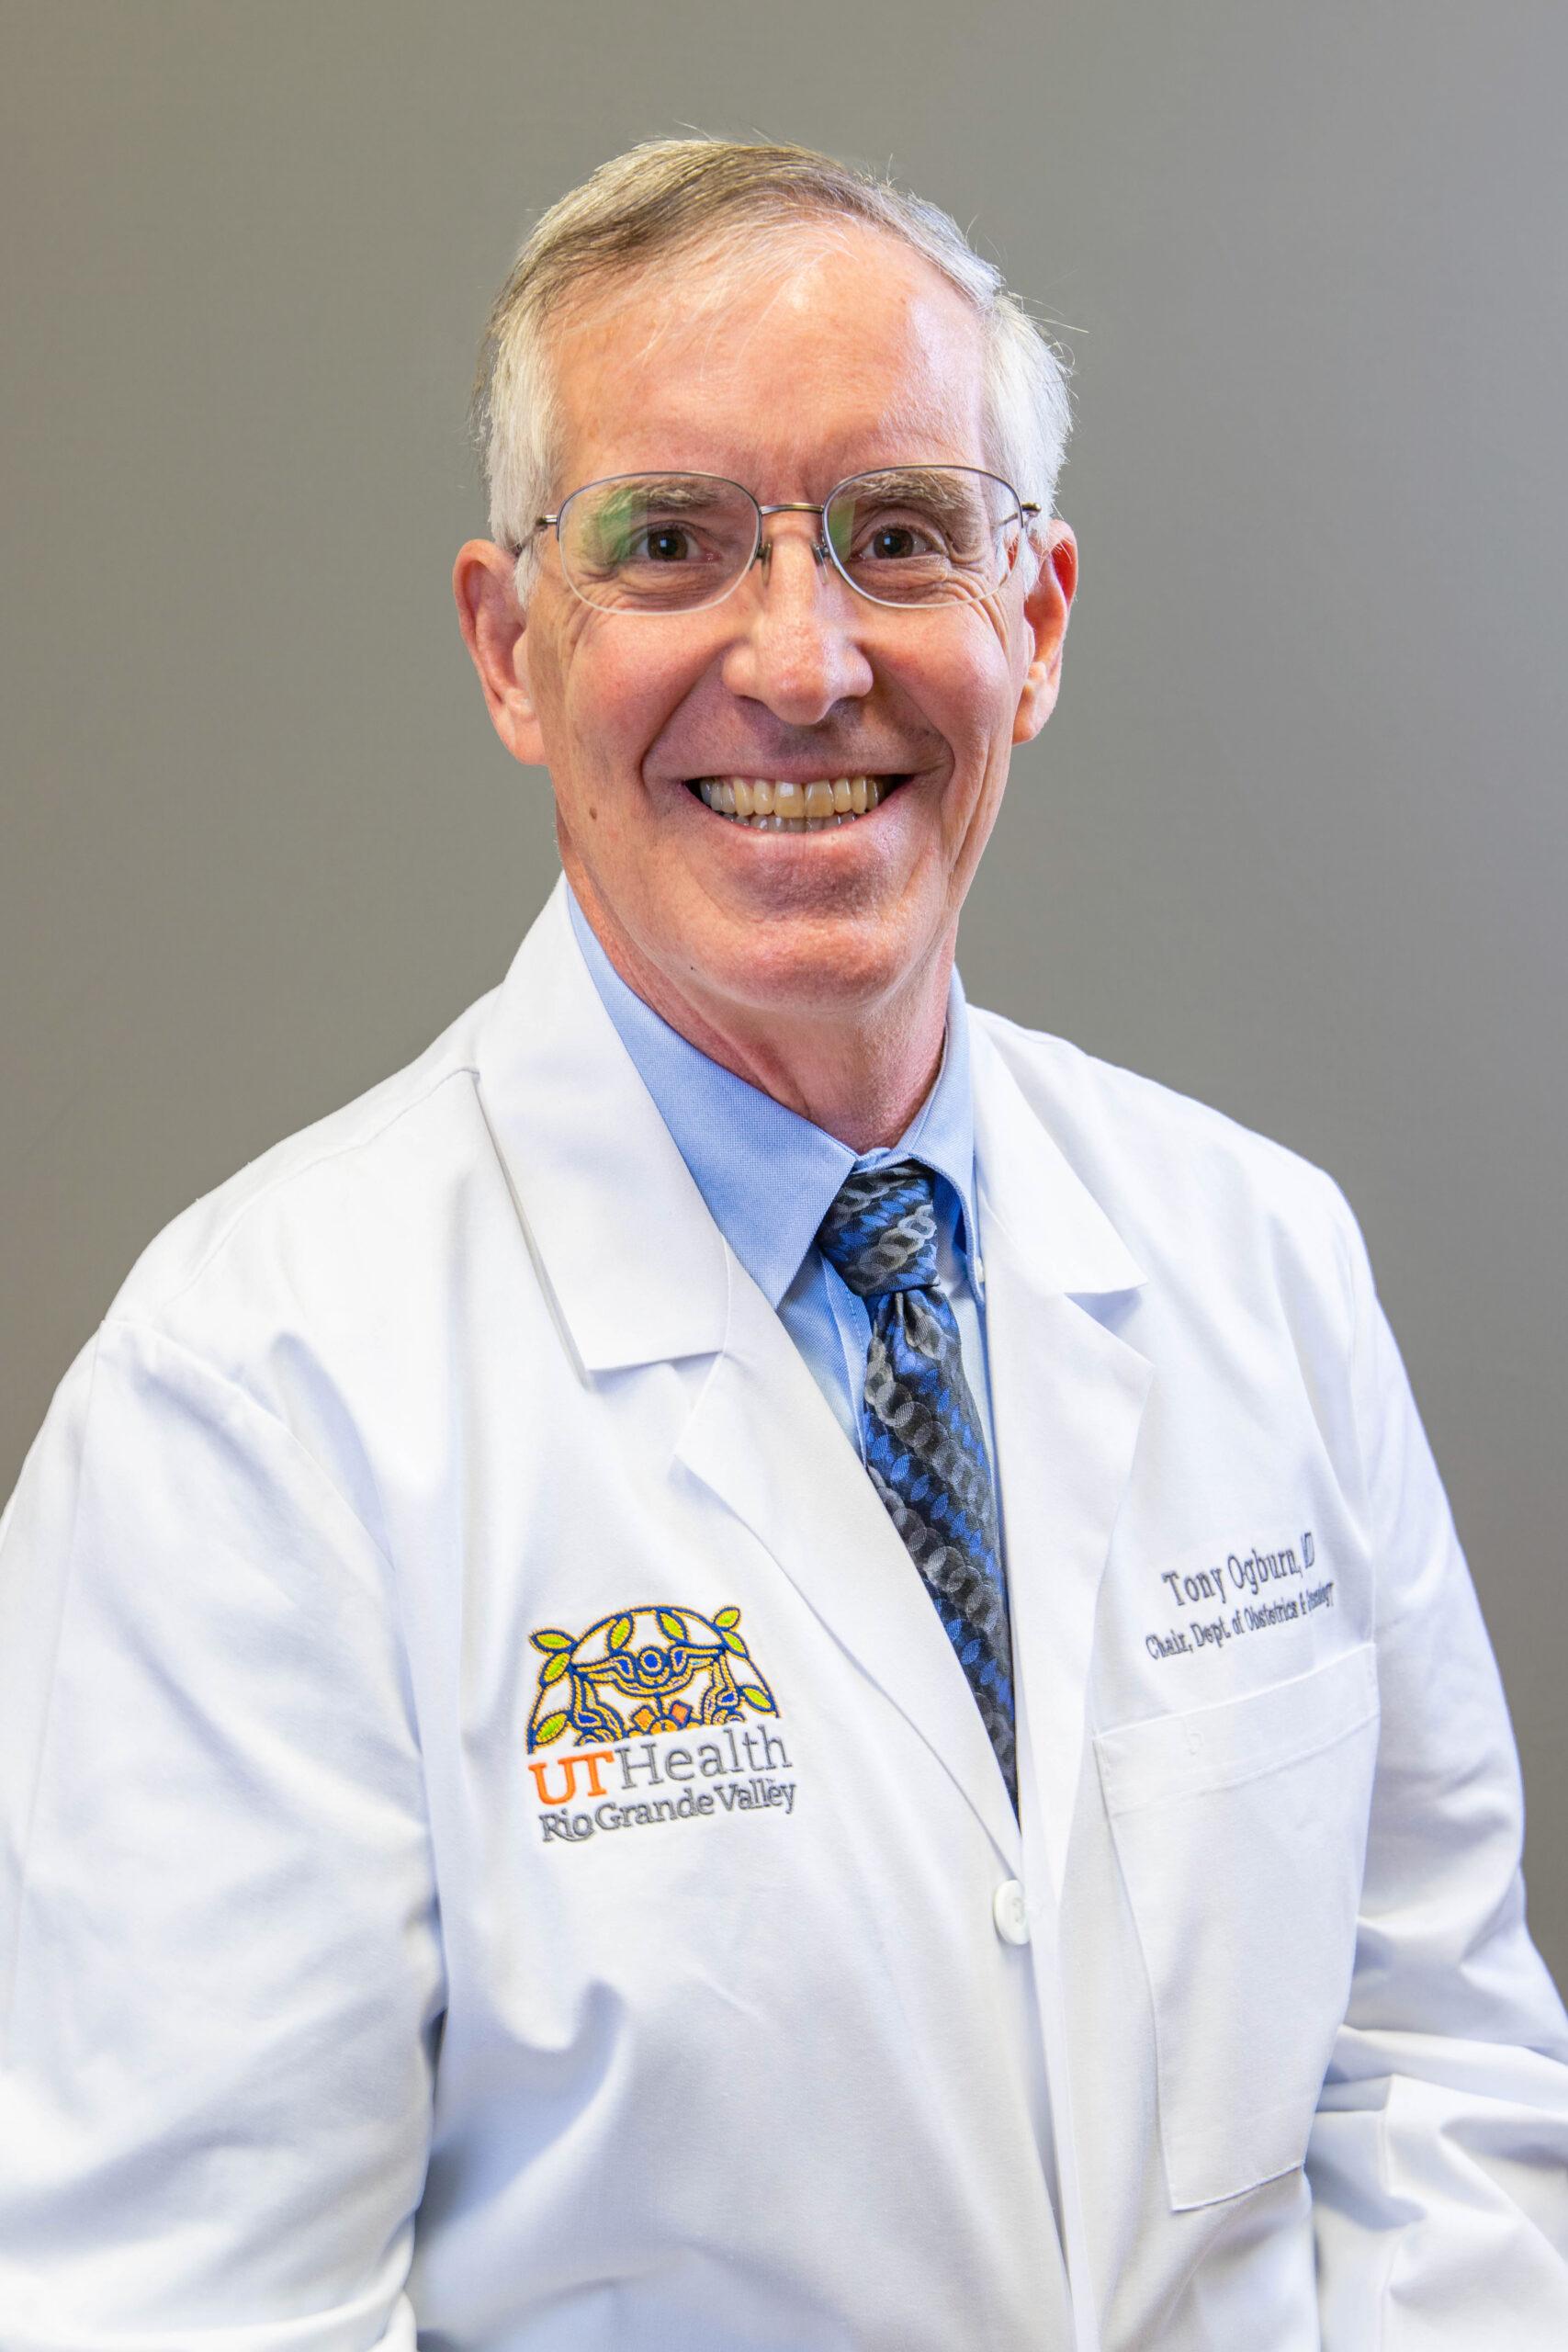 President - Tony Ogburn, MD